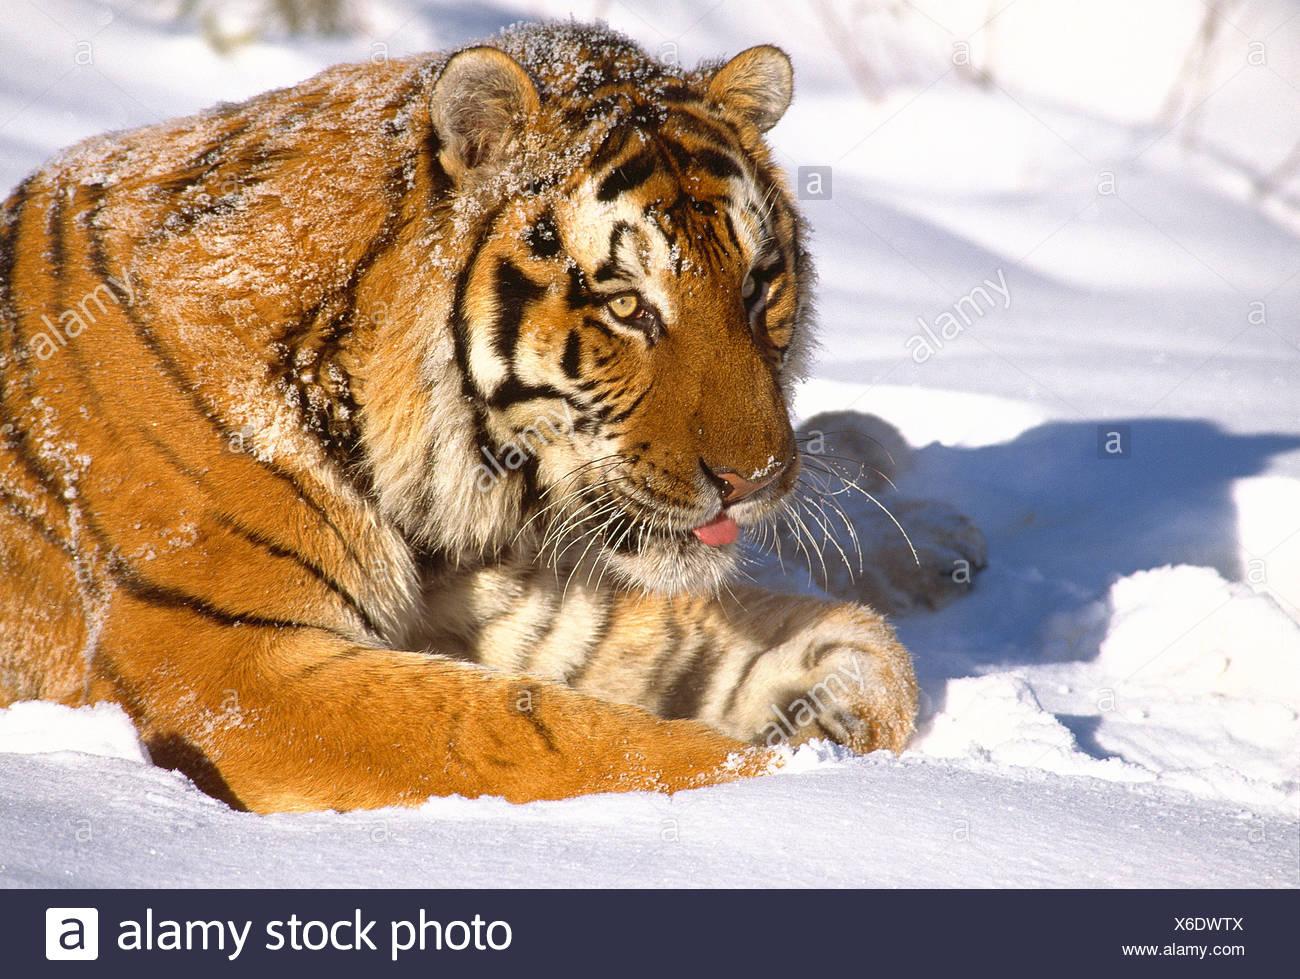 La russia. wildlife. tigre siberiana nella neve. Immagini Stock